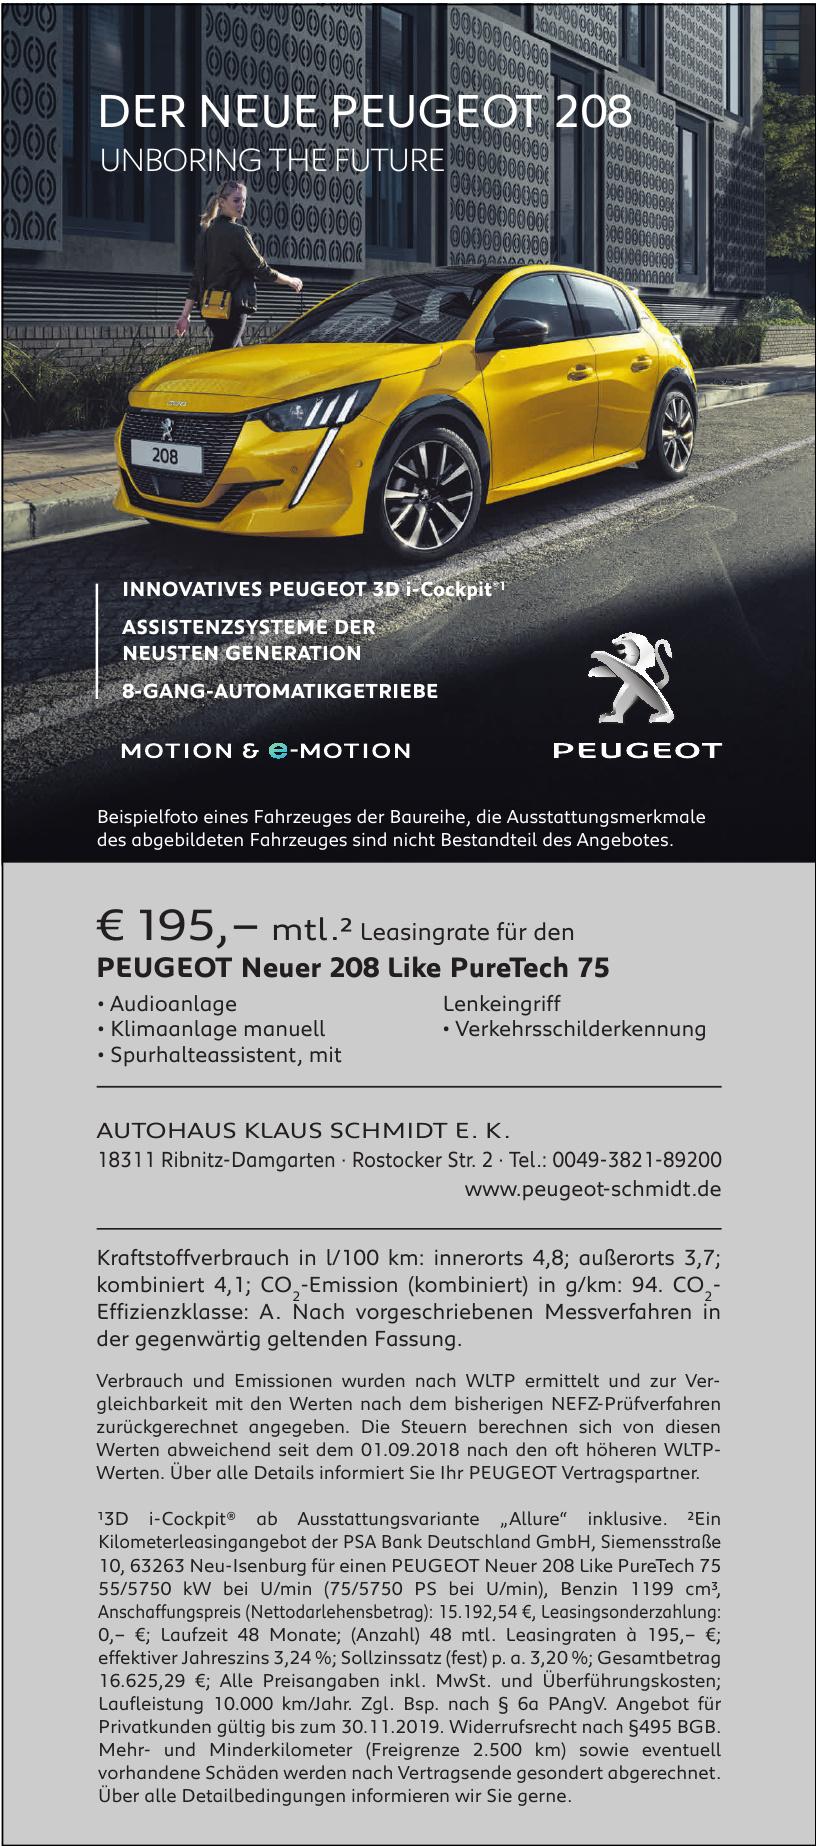 Autohaus Klaus Schmidt E. K .